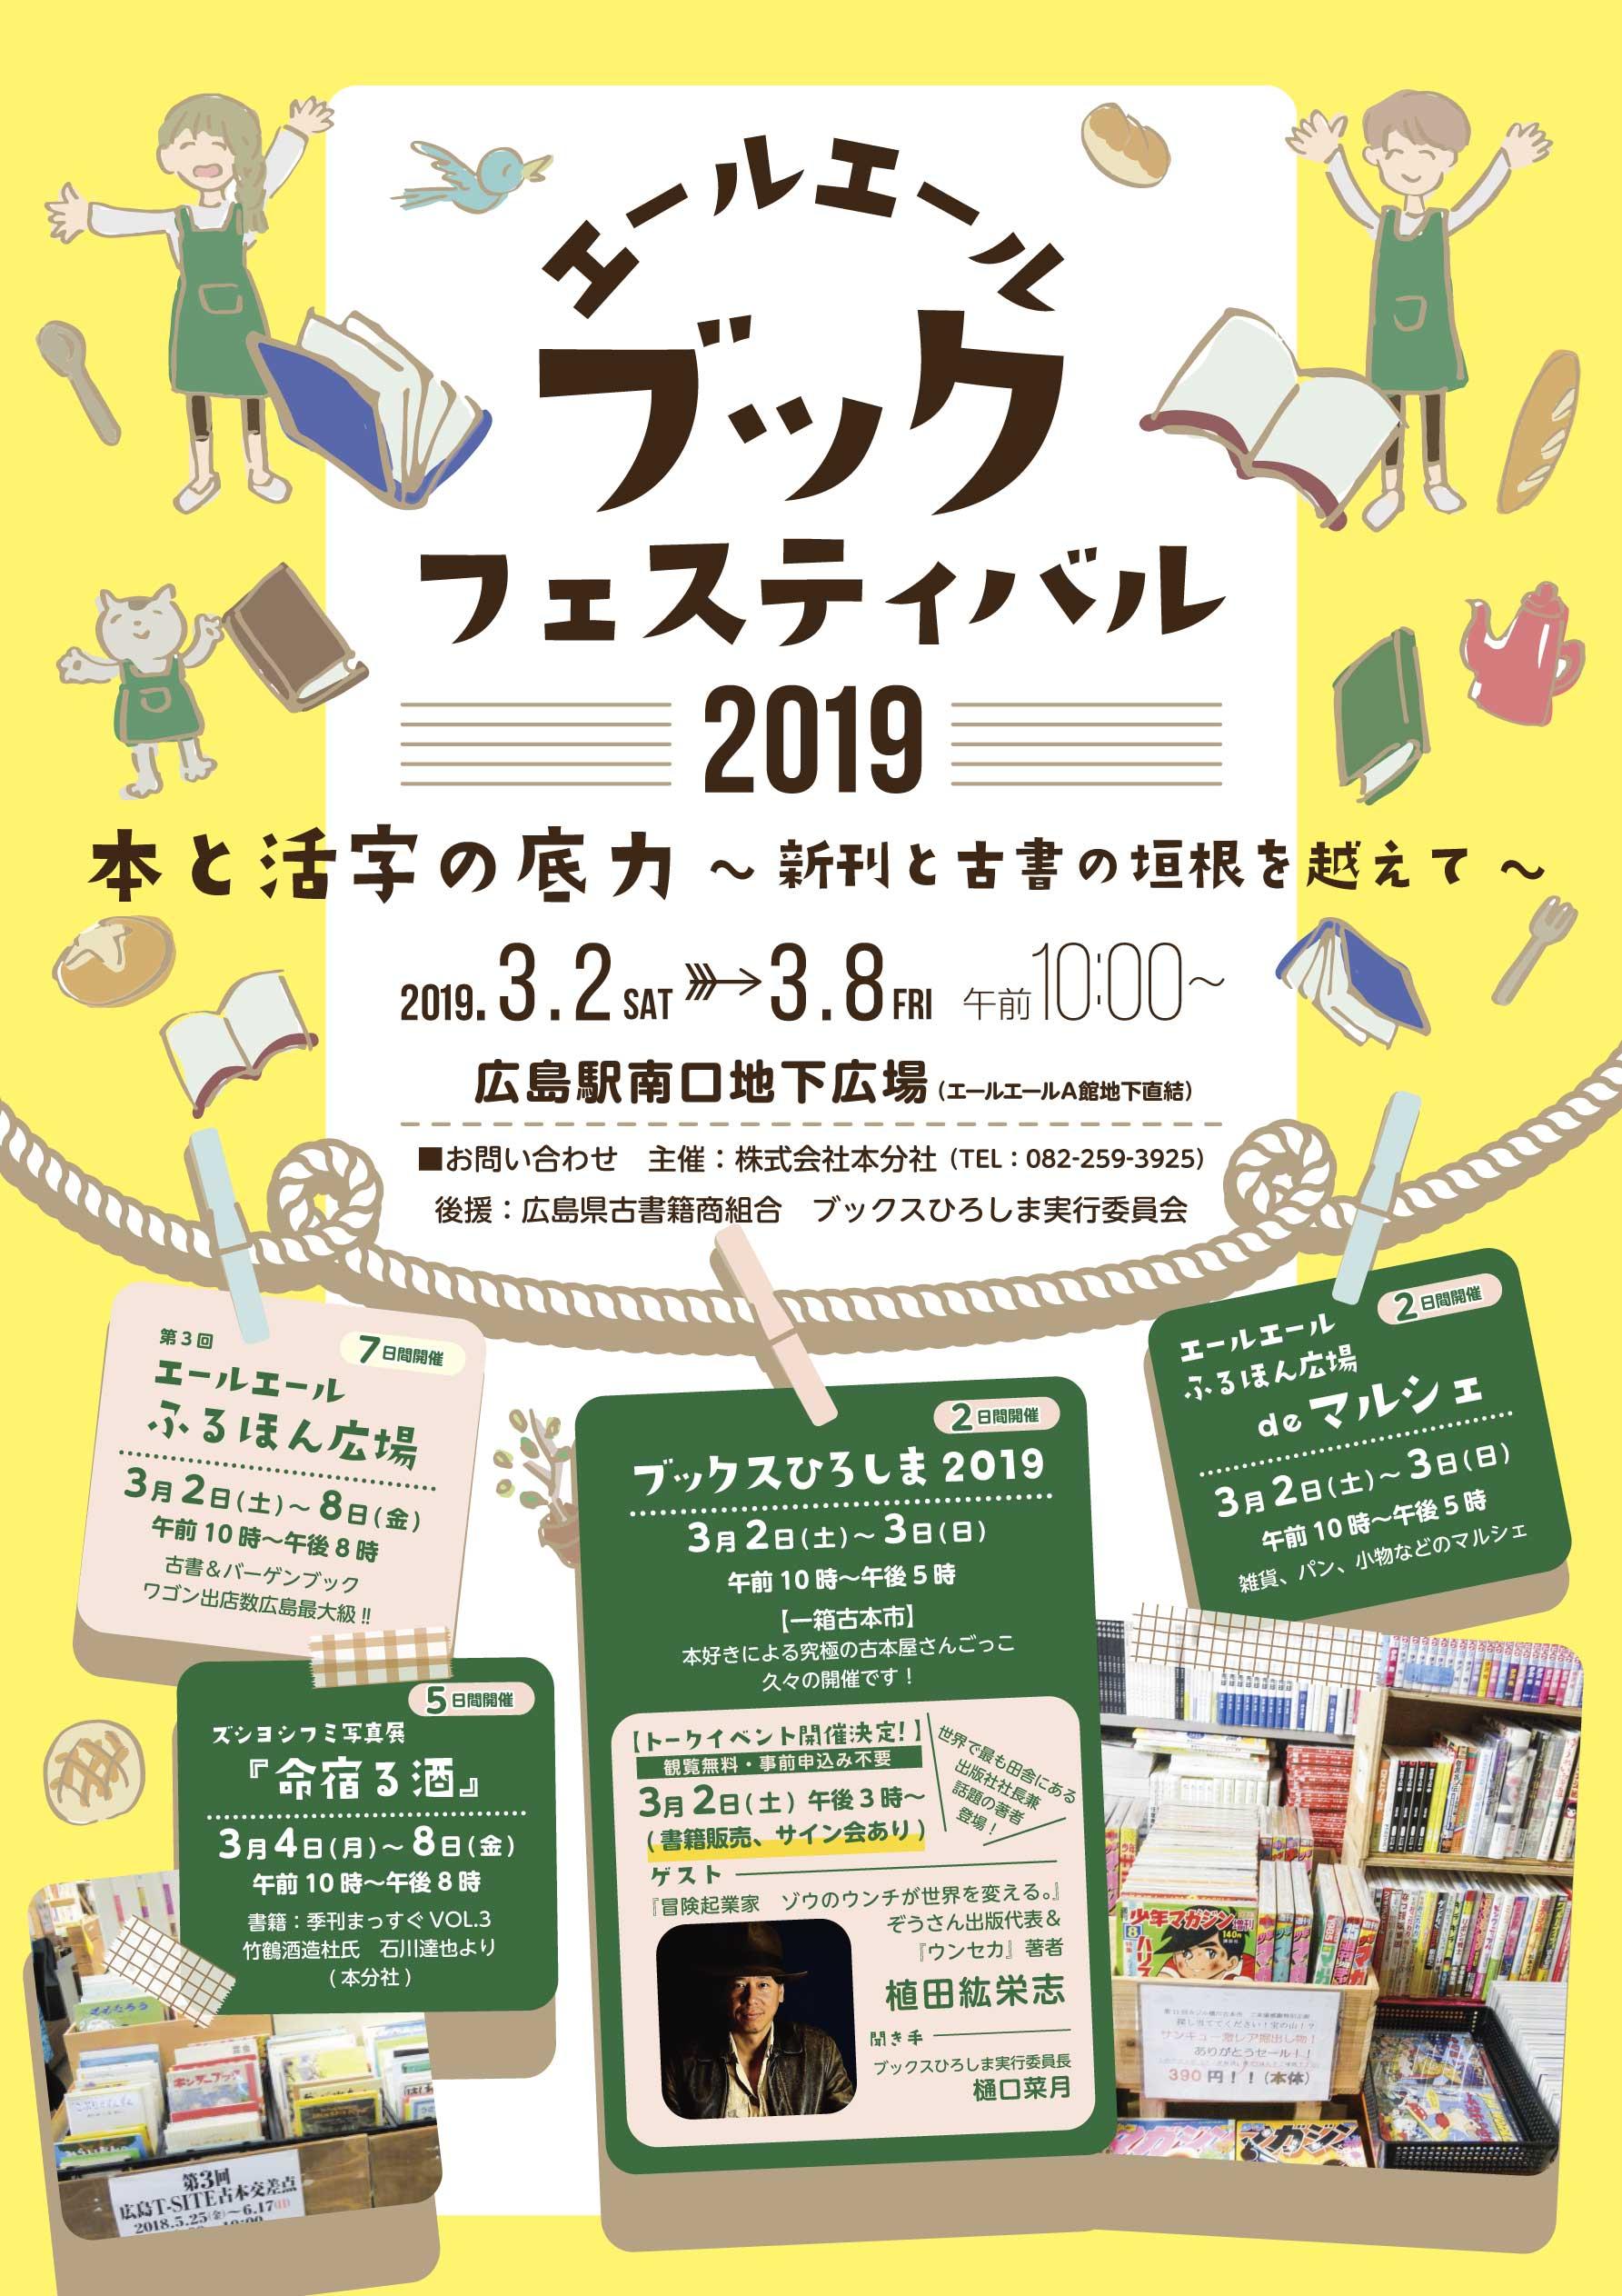 「新刊と古書の垣根を超える」イベント参加店様を大募集中です!